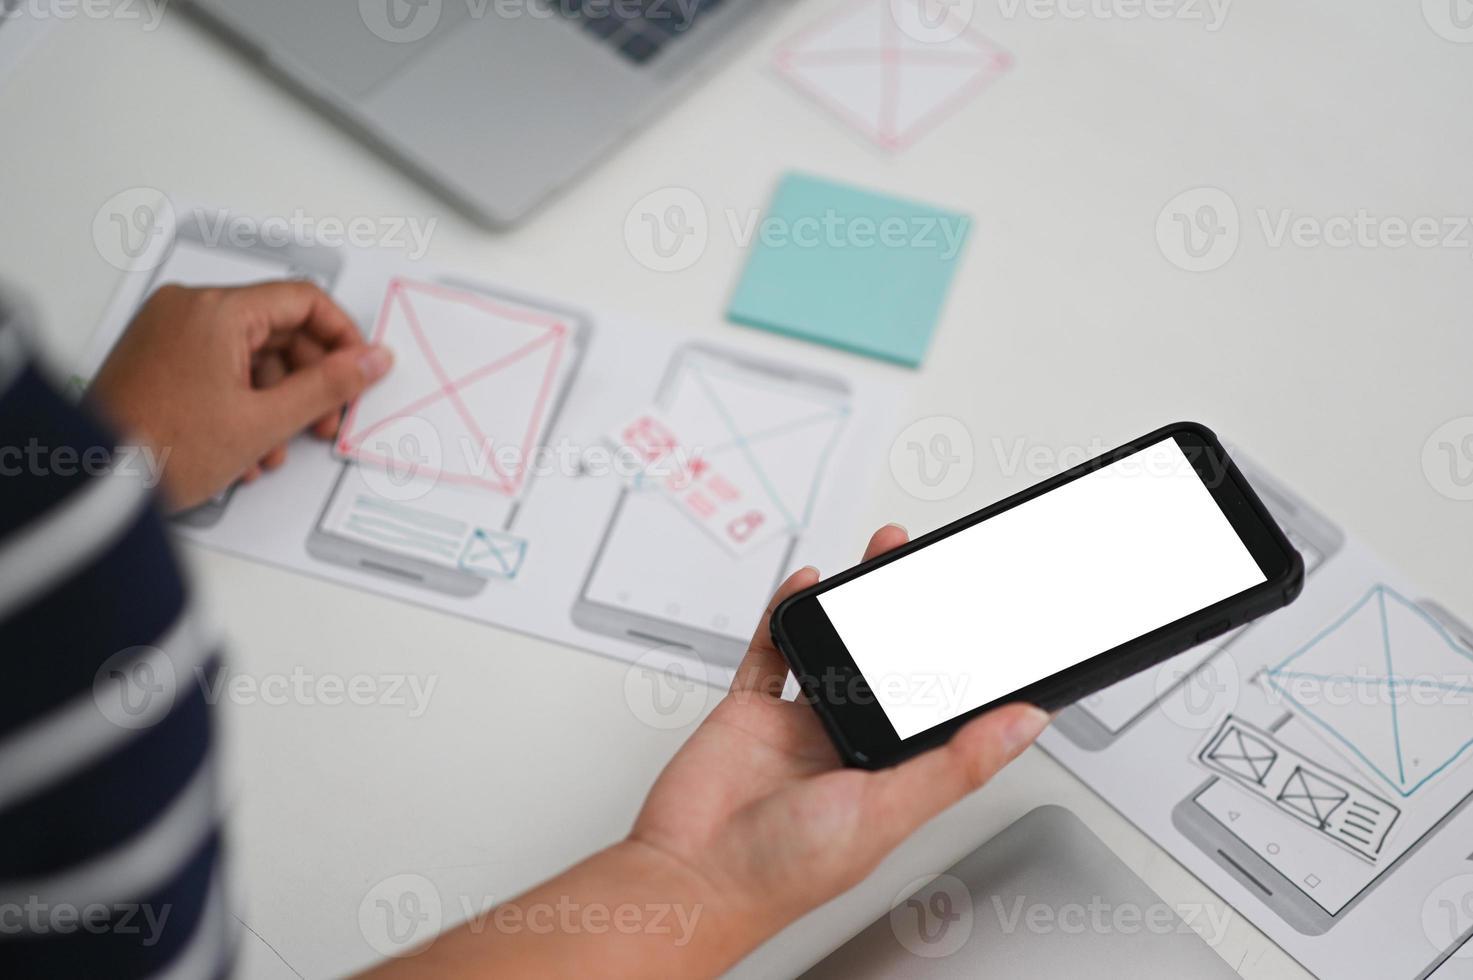 Los diseñadores de aplicaciones están diseñando en aplicaciones para teléfonos inteligentes. foto